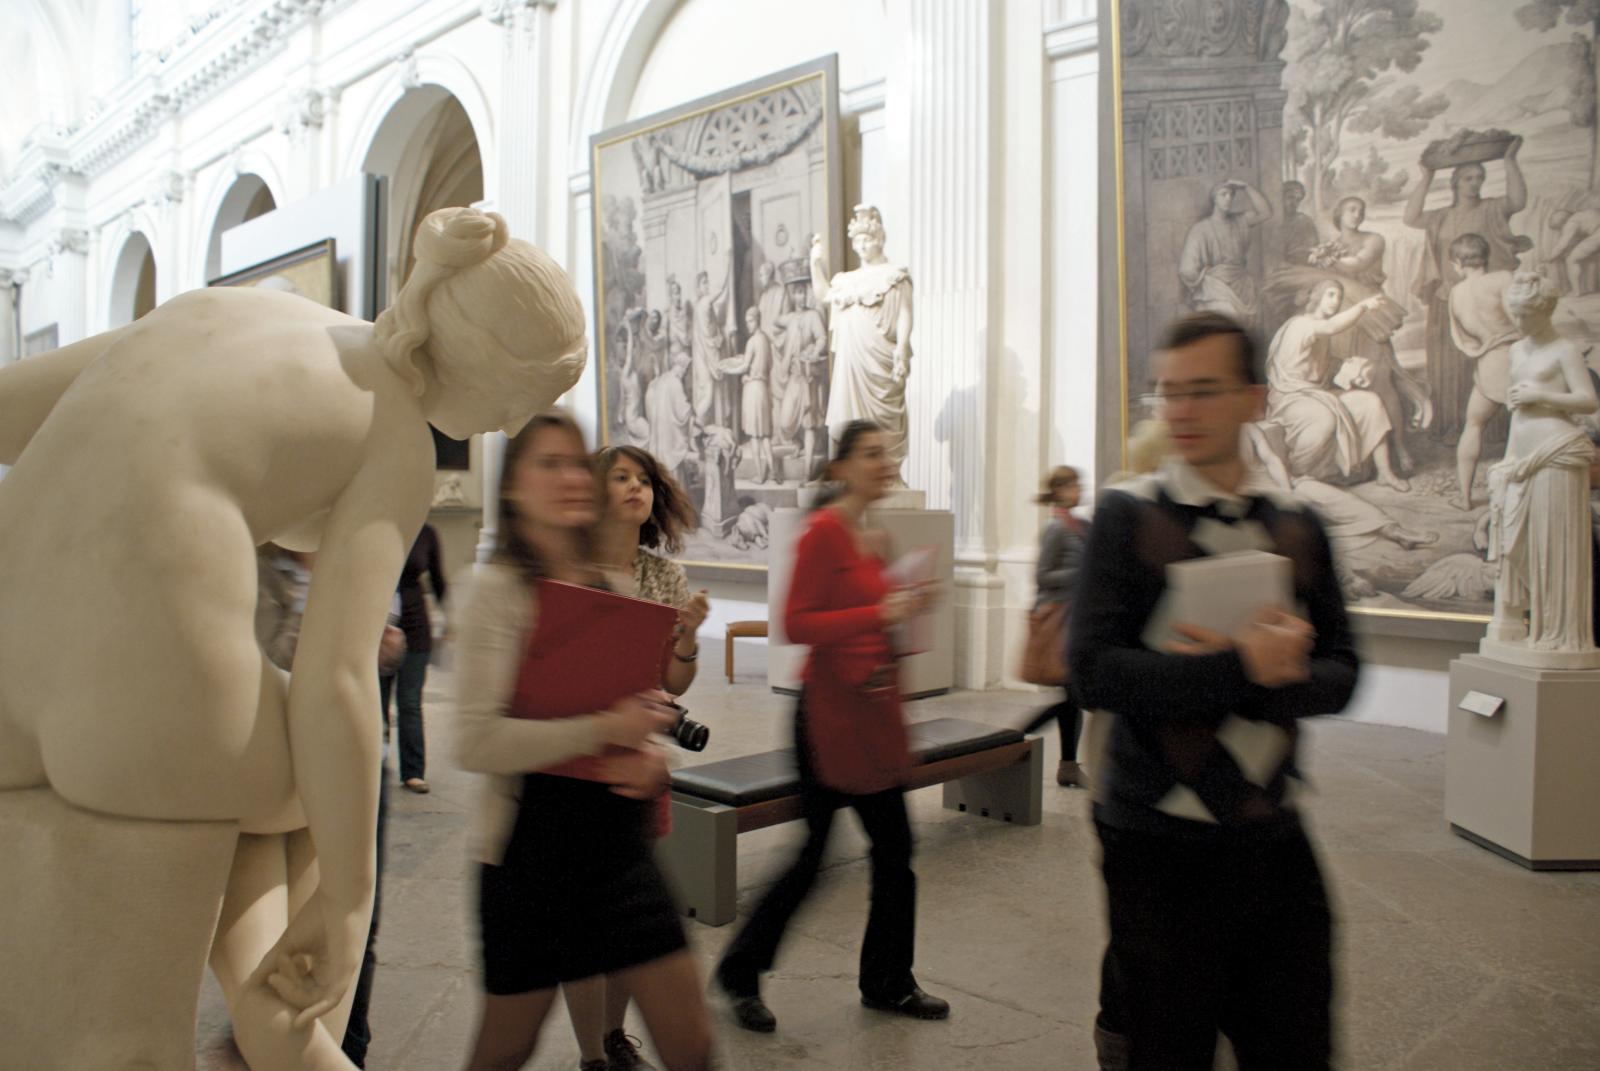 Les travaux dirigés ont lieu, devant les œuvres comme ici, au musée des beaux-arts de Lyon.